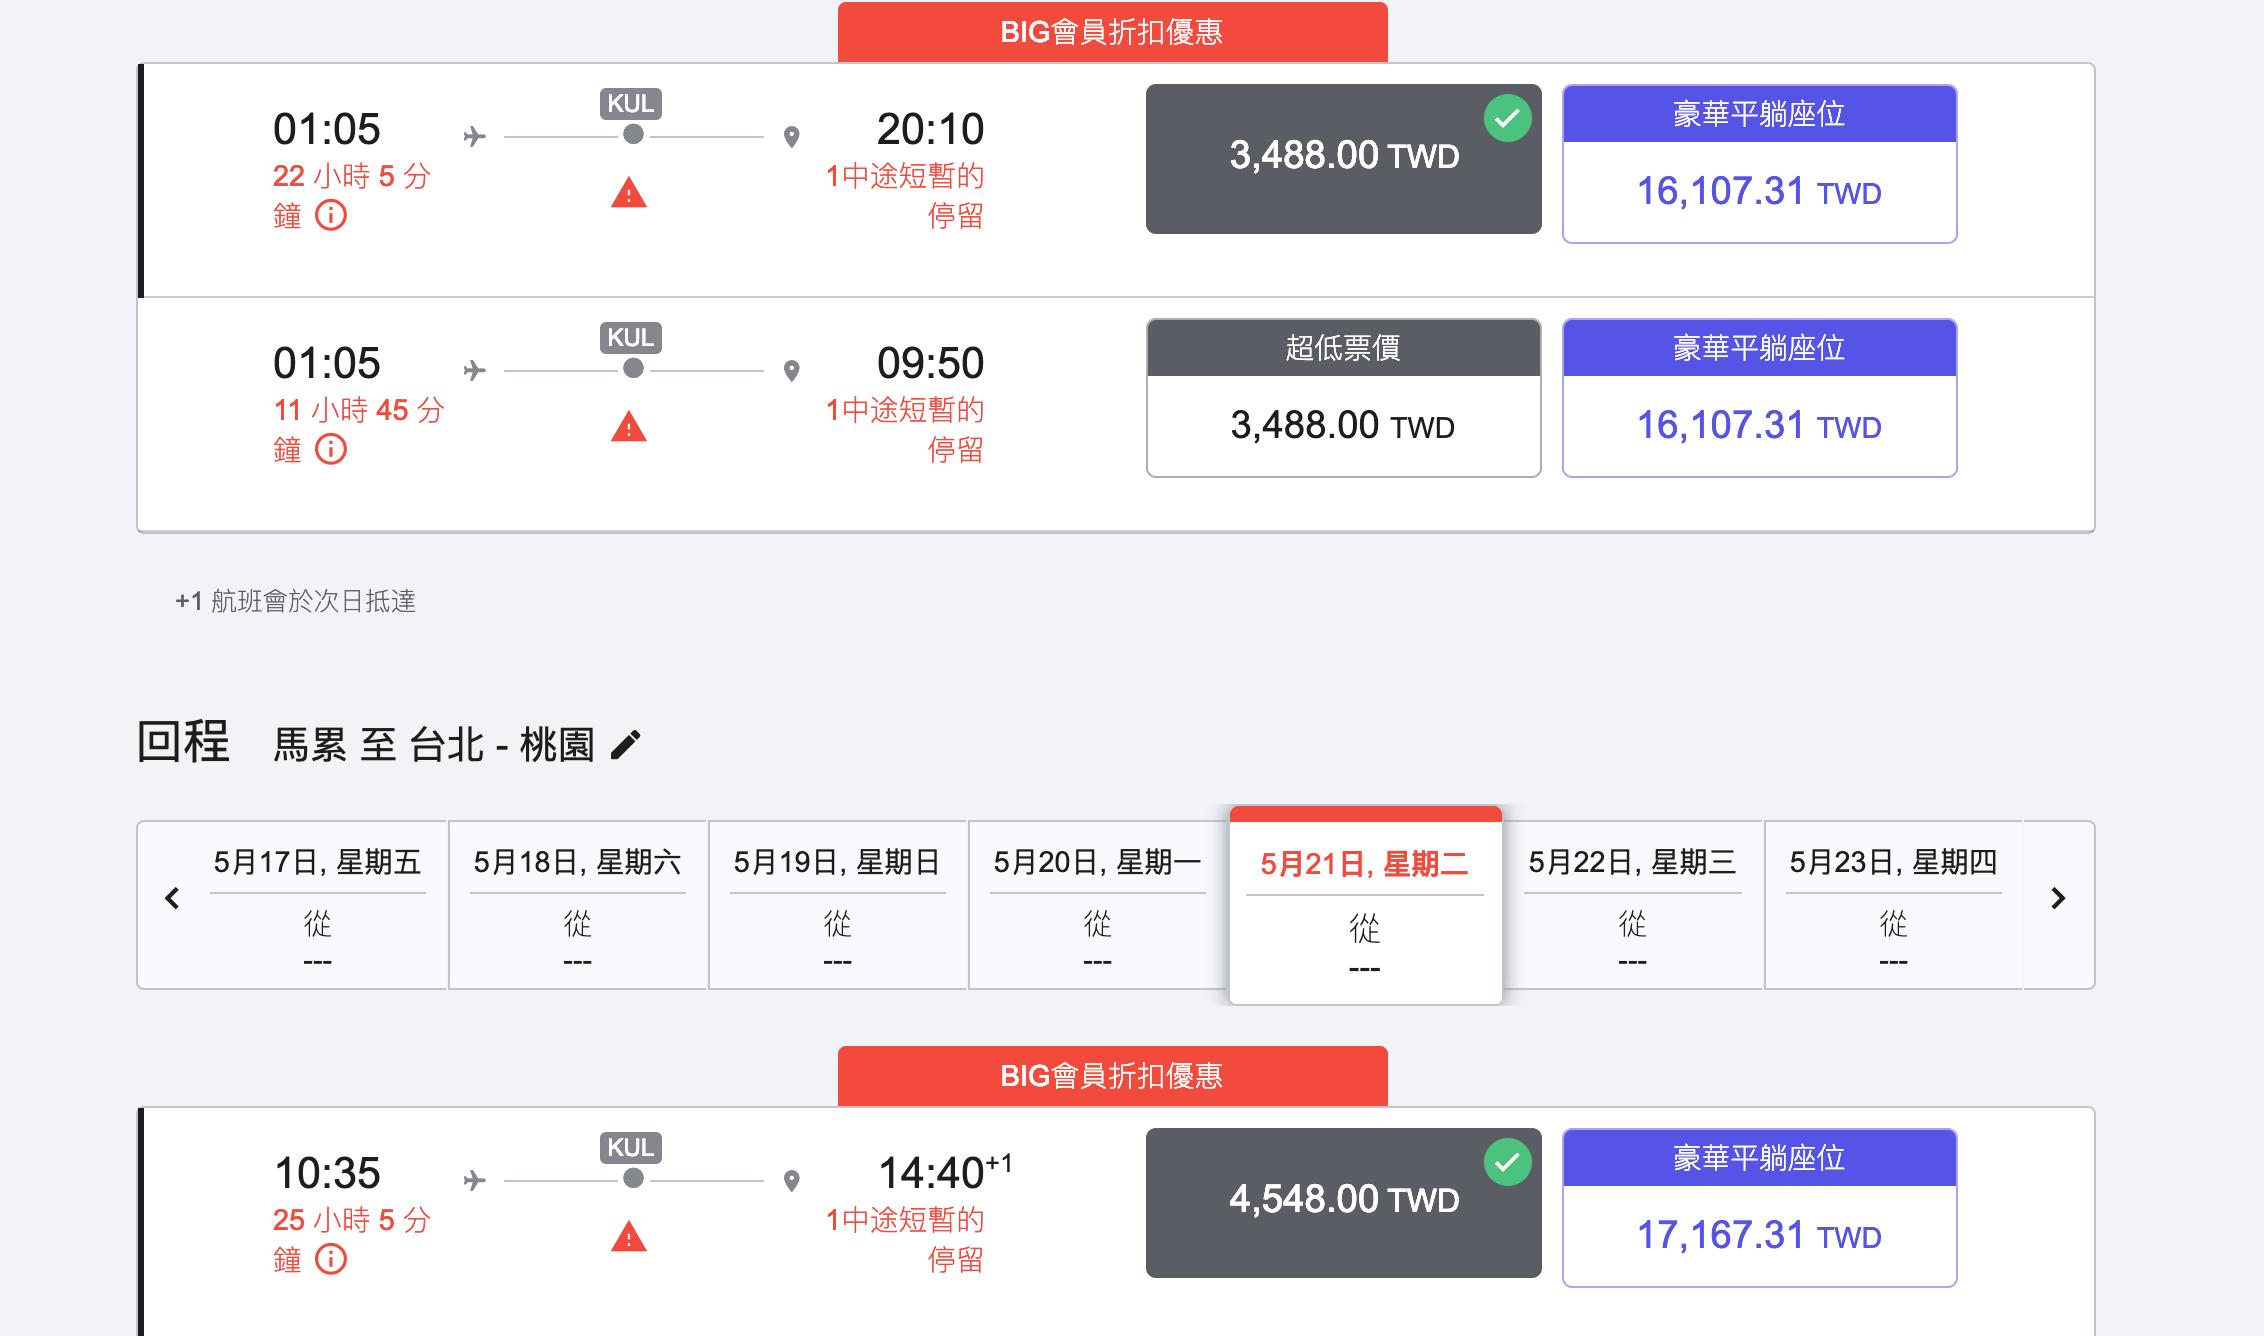 亞洲航空Big sale促銷,0310凌晨開打!Big會員優先促銷(查價:108.3.9)